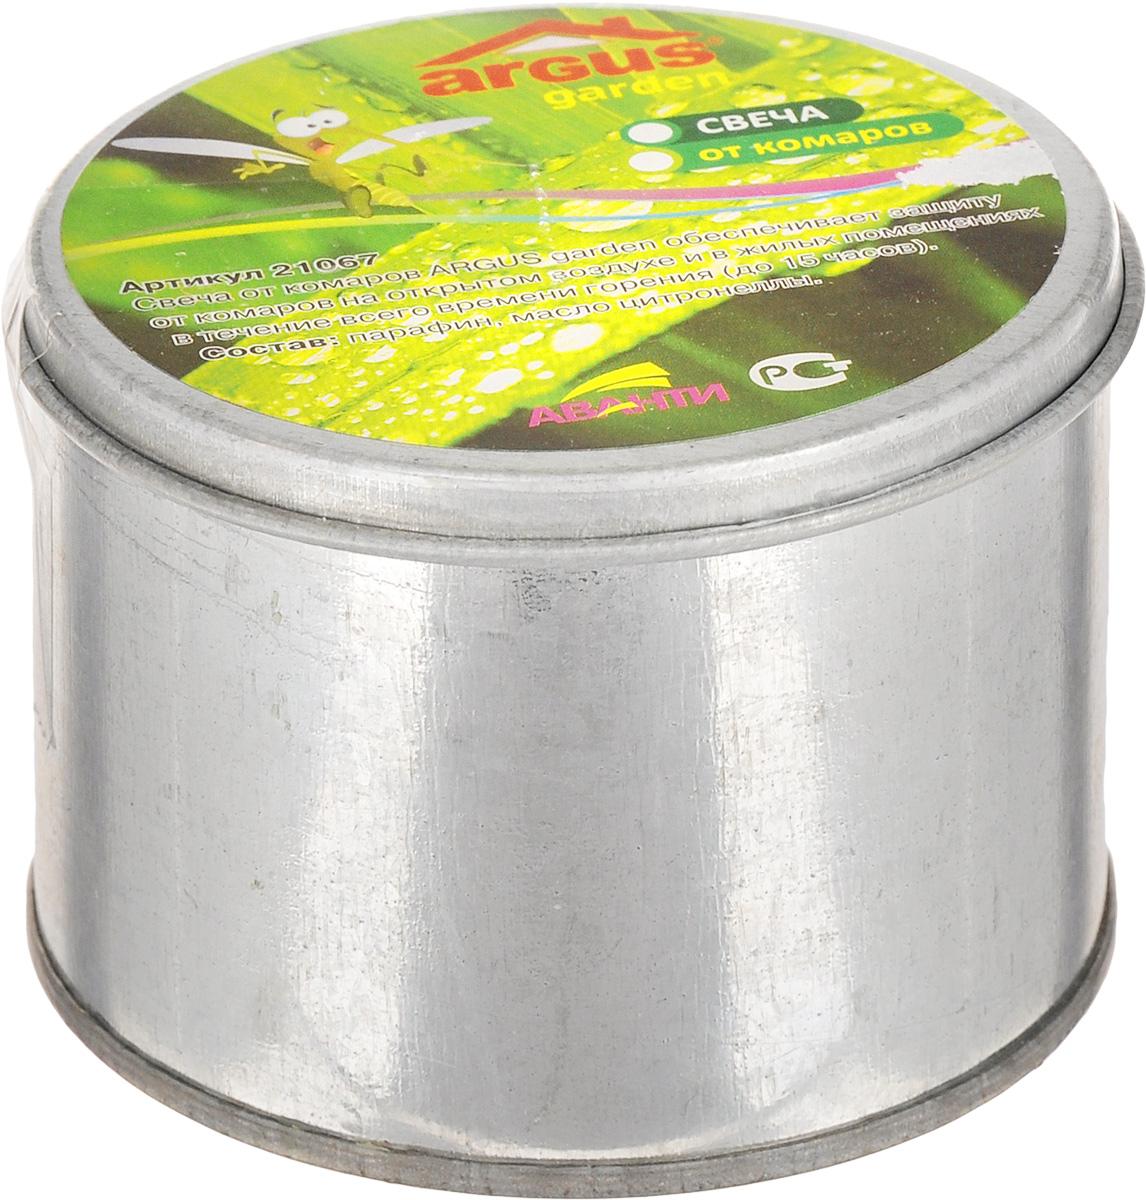 Свеча от комаров Argus80310Свеча от комаров Argus обеспечивает защиту от комаров на открытом воздухе и в жилых помещениях в течение всего времени горения (до 15 часов).Меры предосторожности:Использовать на открытом воздухе или в хорошо проветриваемом помещении площадью 25 м3. Поджигать свечу на жаропрочной поверхности или на земле. Не оставлять горящую свечу без присмотра. Не прикасаться до свечи во время горения. Хранить отдельно от пищевых продуктов в местах не доступных детям. При хранении избегать попадания прямых солнечных лучей на свечу.Состав: парафин, масло цитронеллы.Товар сертифицирован.